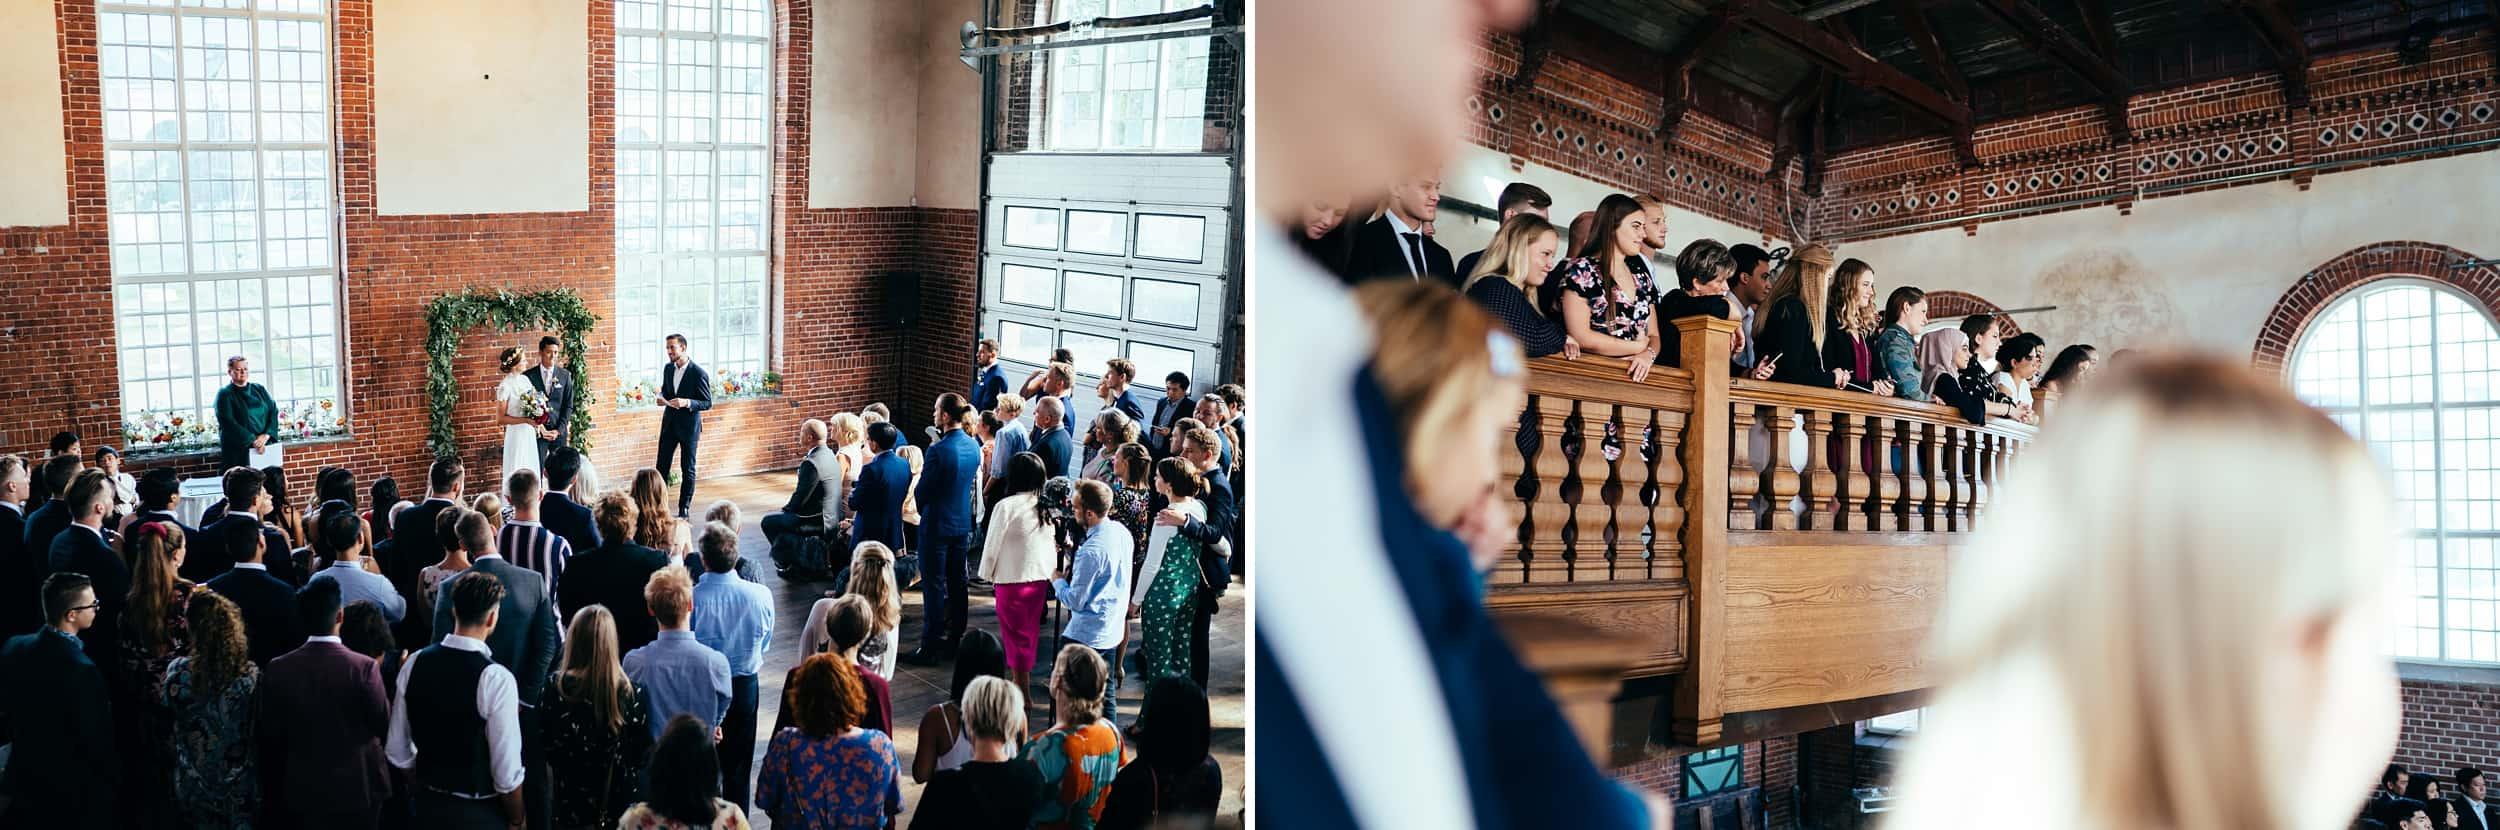 bryllupsceremoni-i-obv-studios.jpg